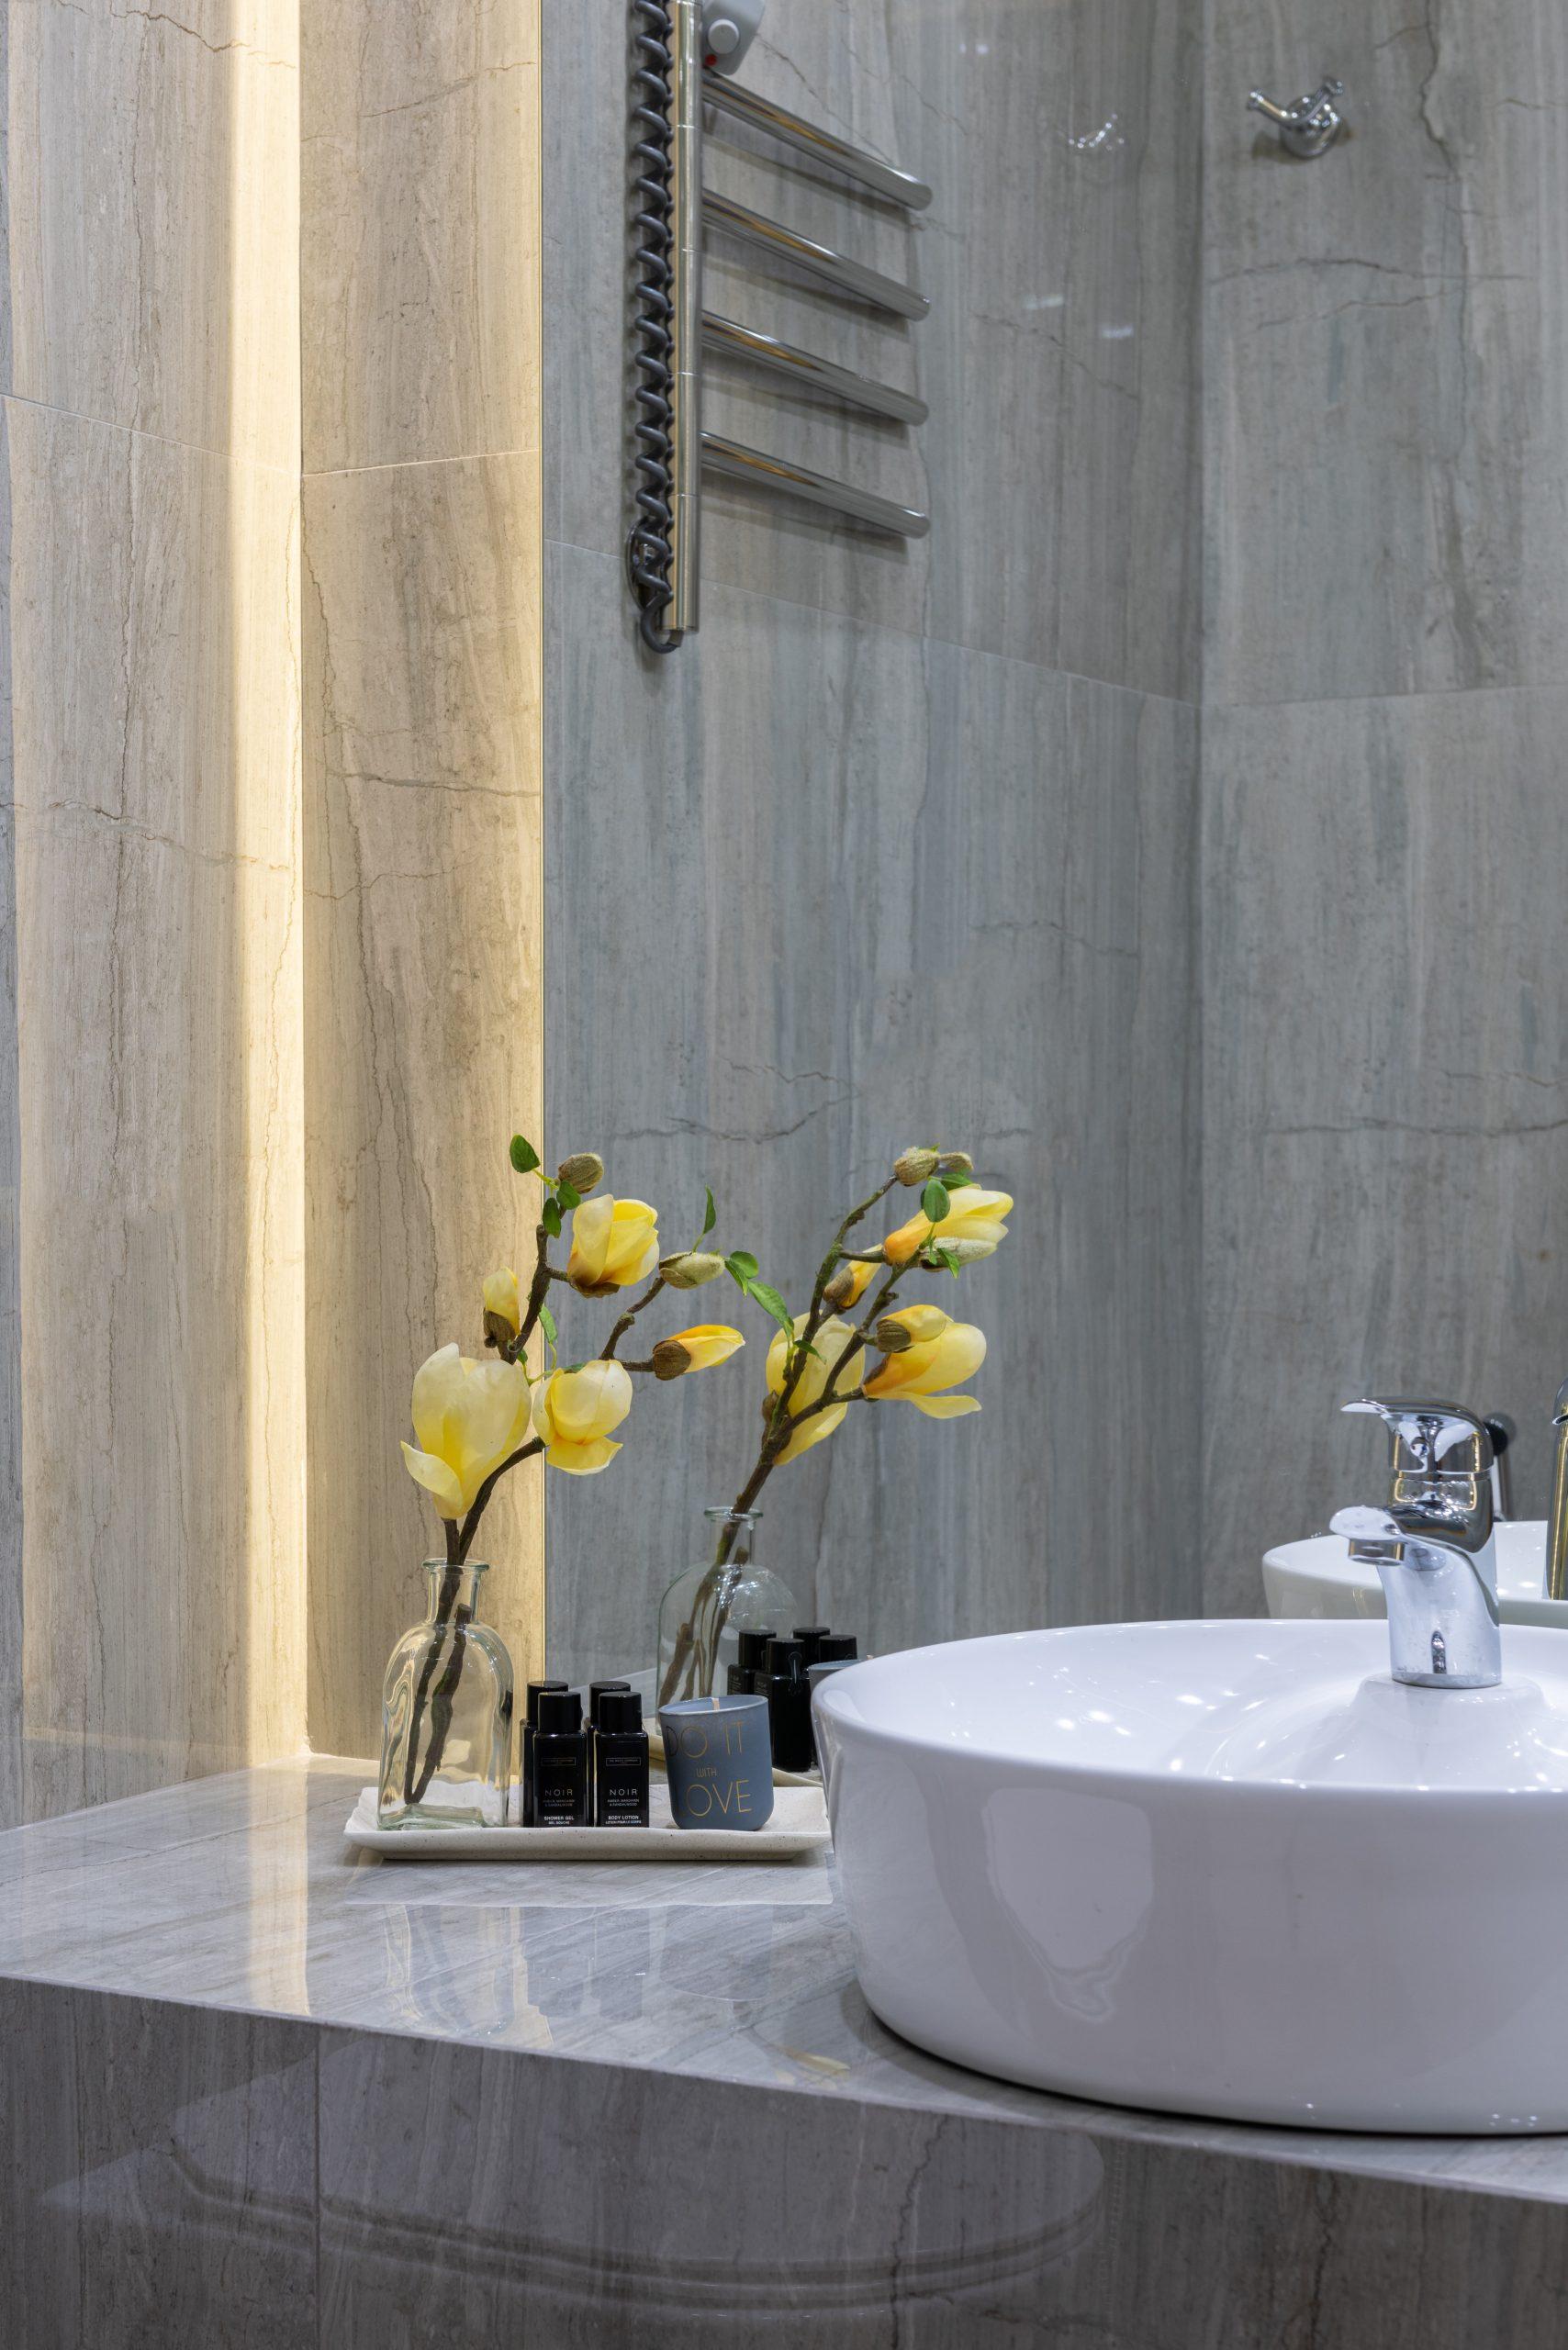 des fleurs dans la salle de bain